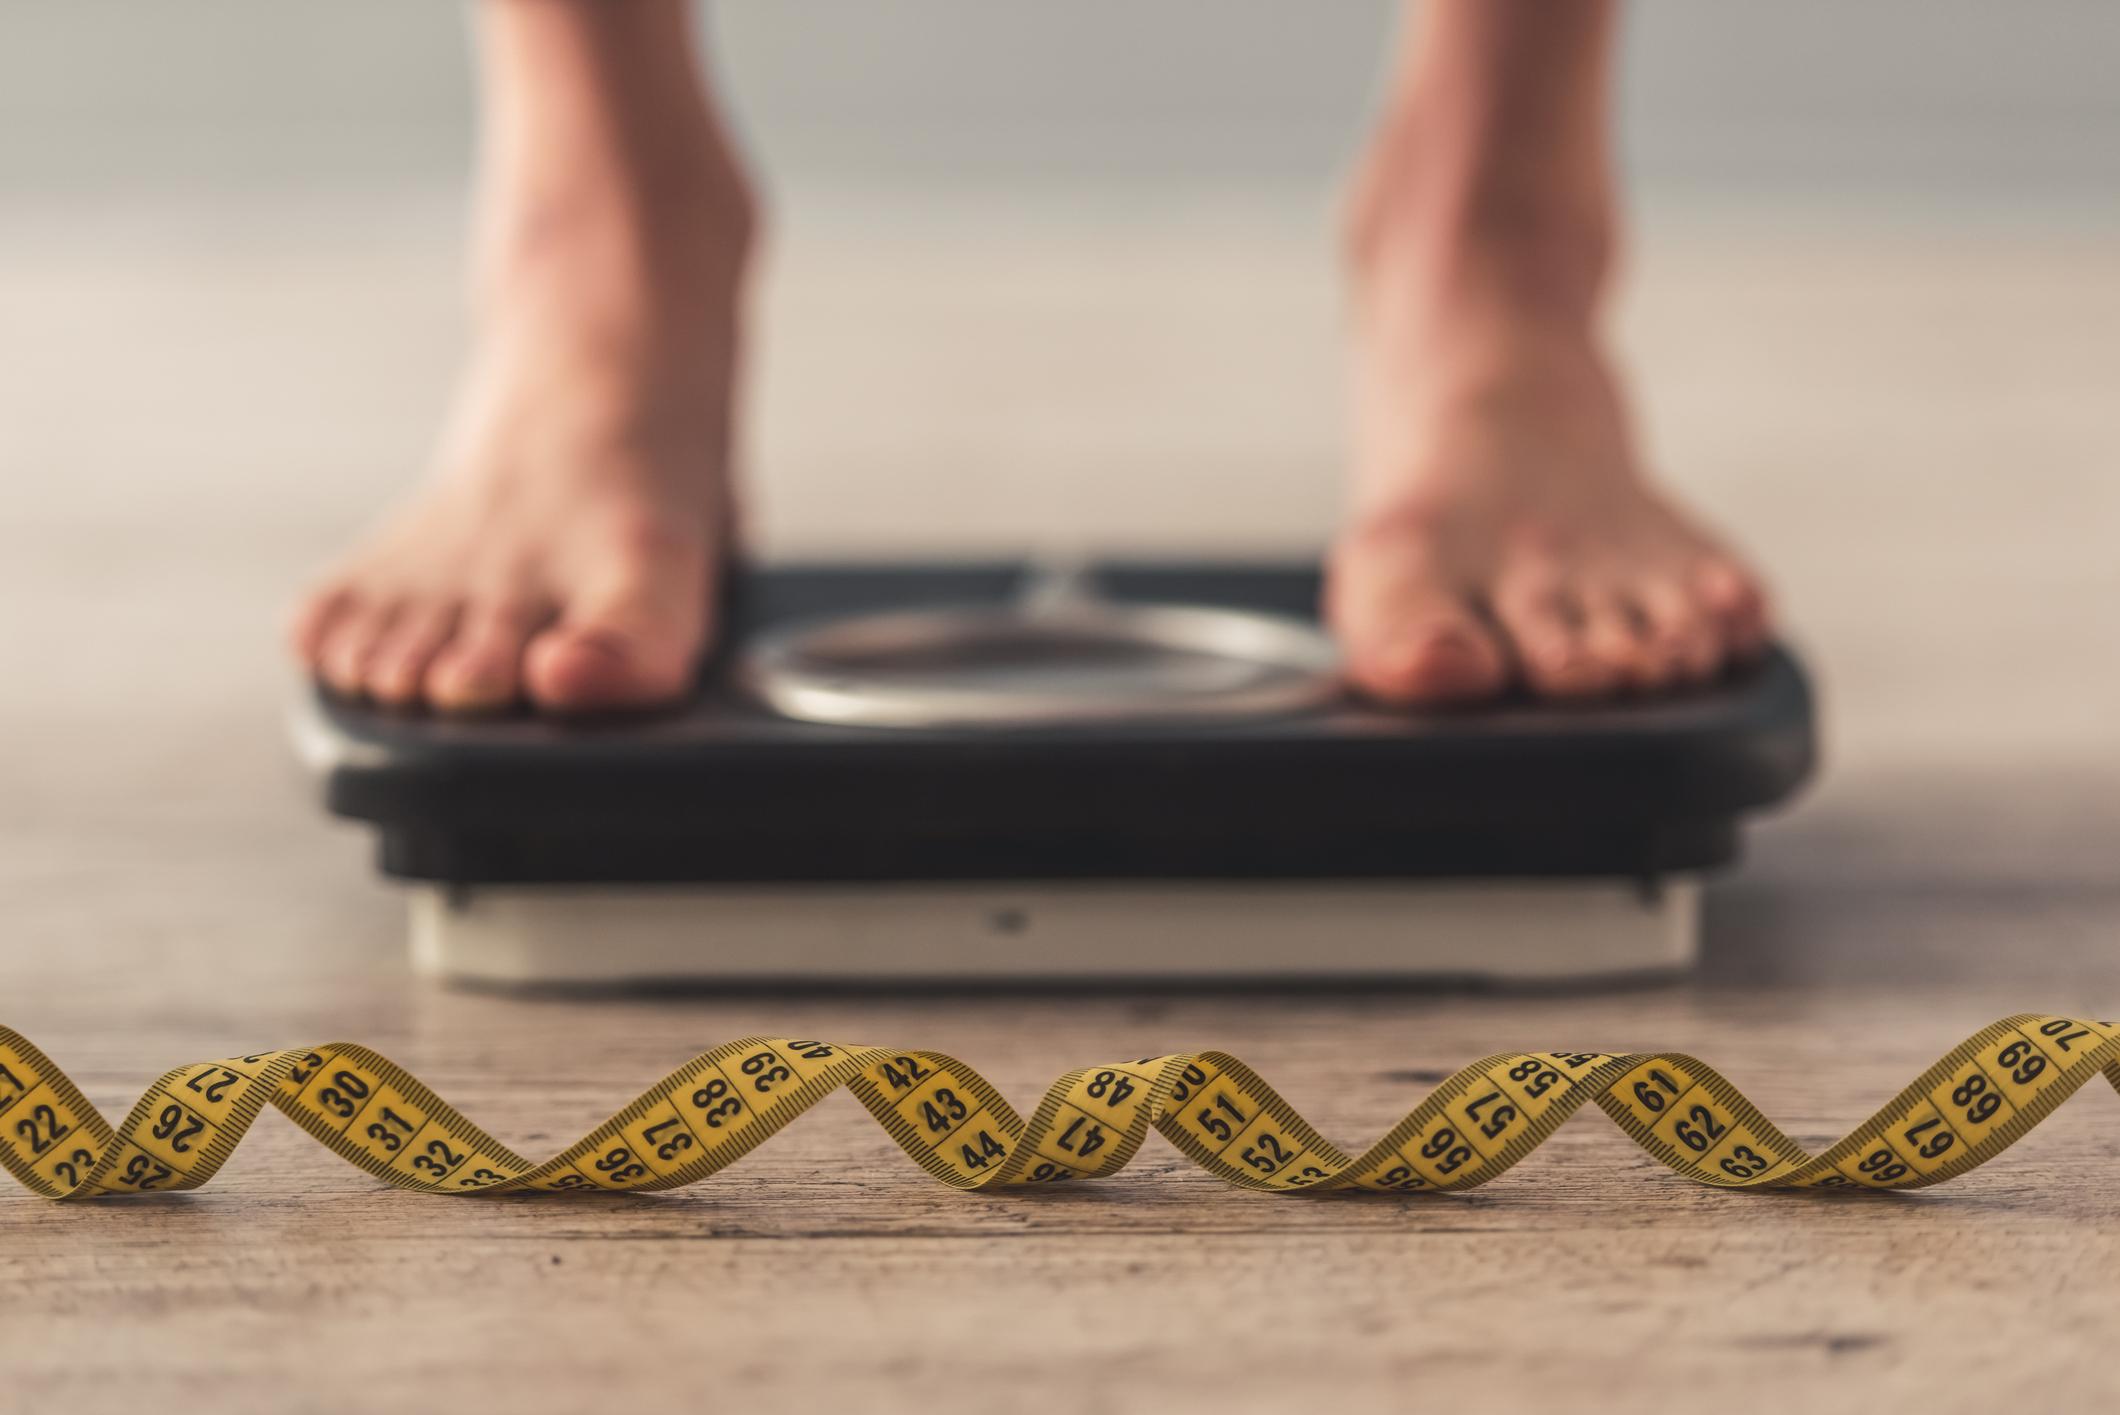 pierdere in greutate qvar scădere în greutate și burtă plată